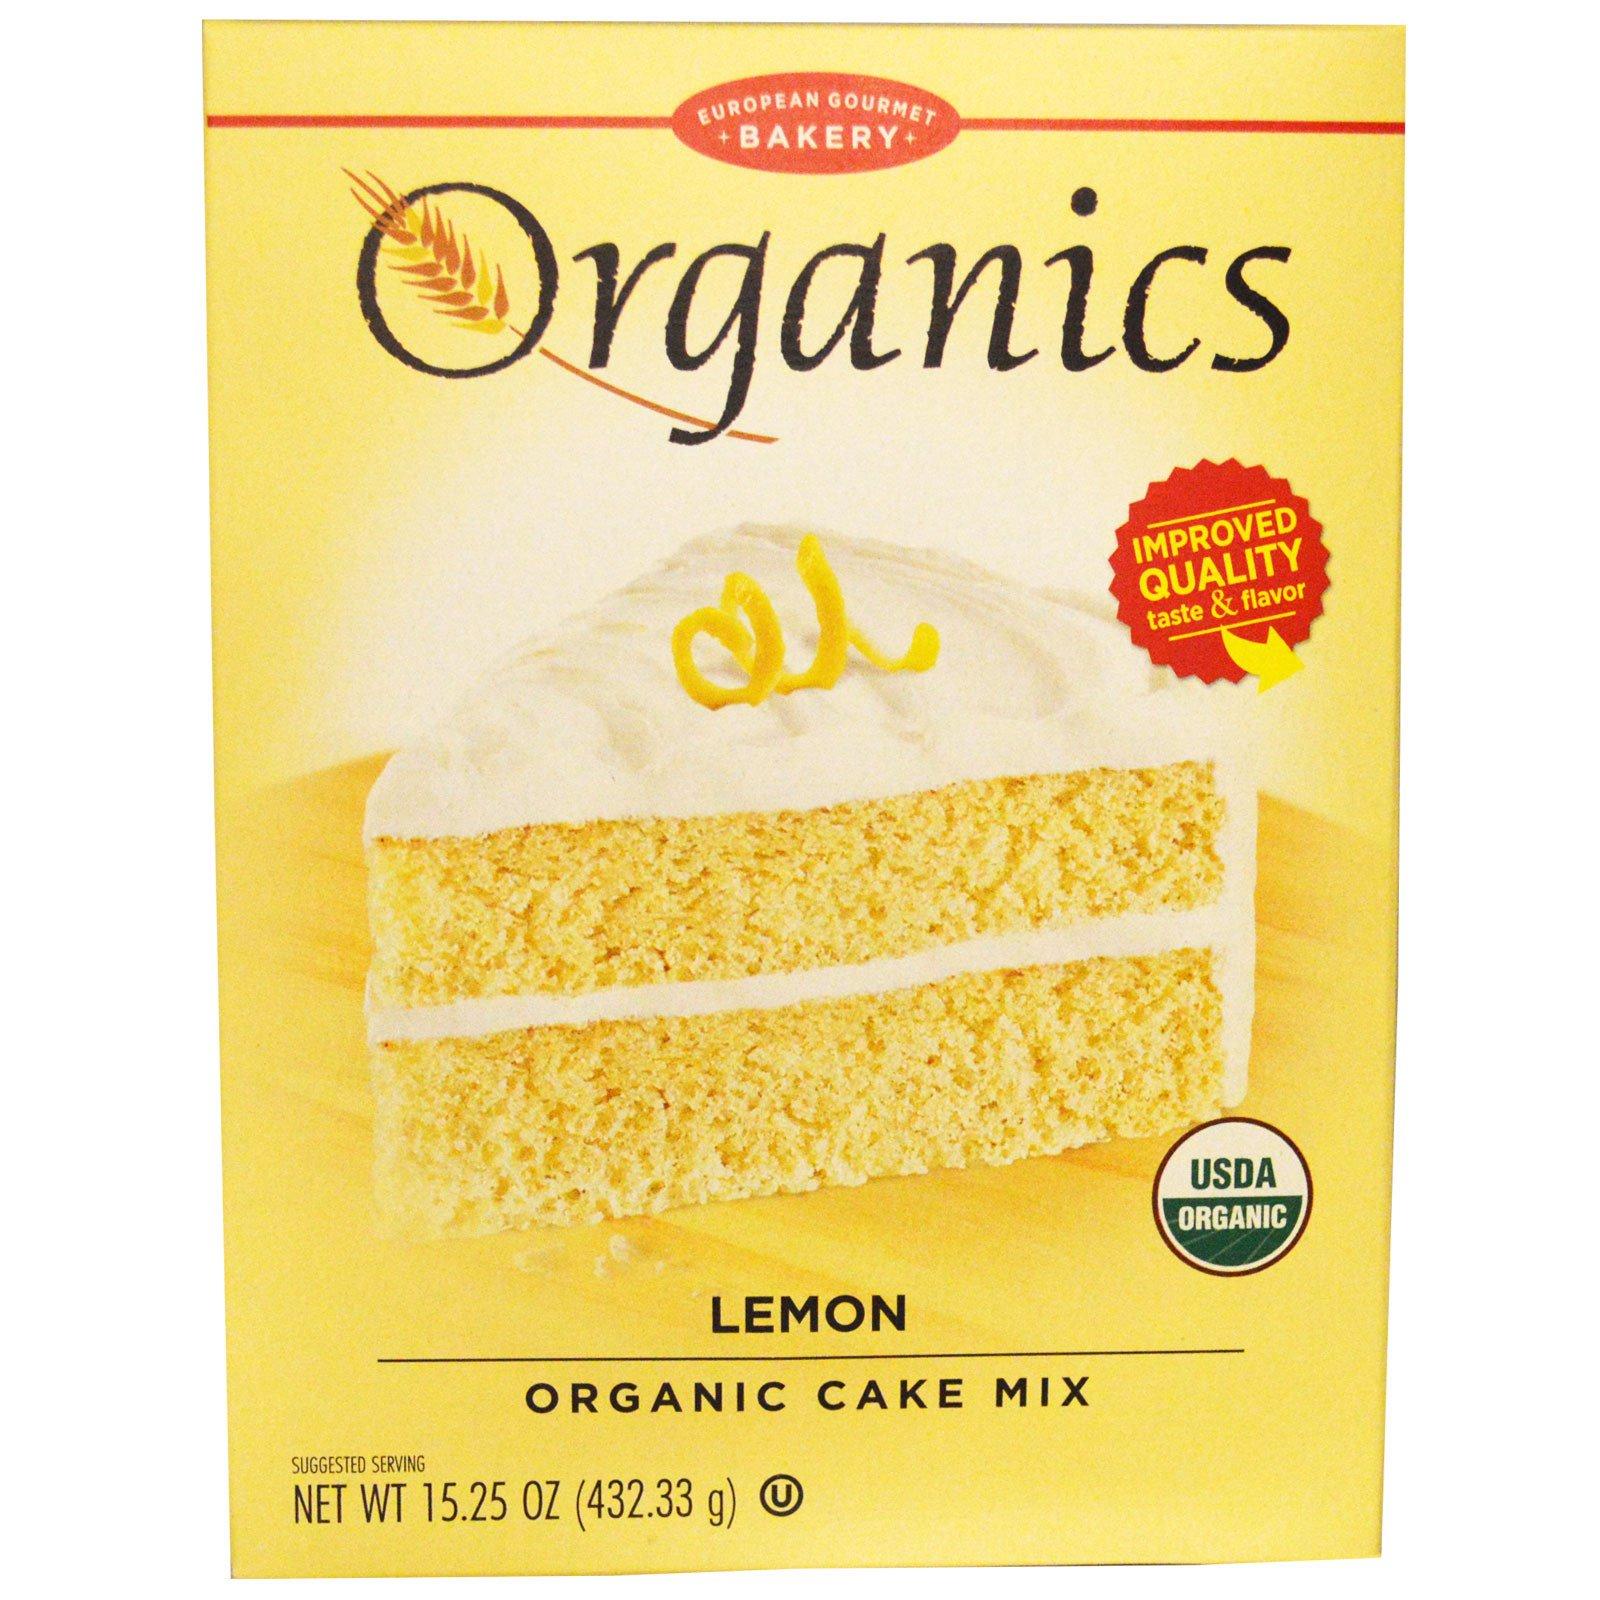 European Gourmet Bakery, Органическая смесь для торта, лимон 15.25 унции (432.33 г)